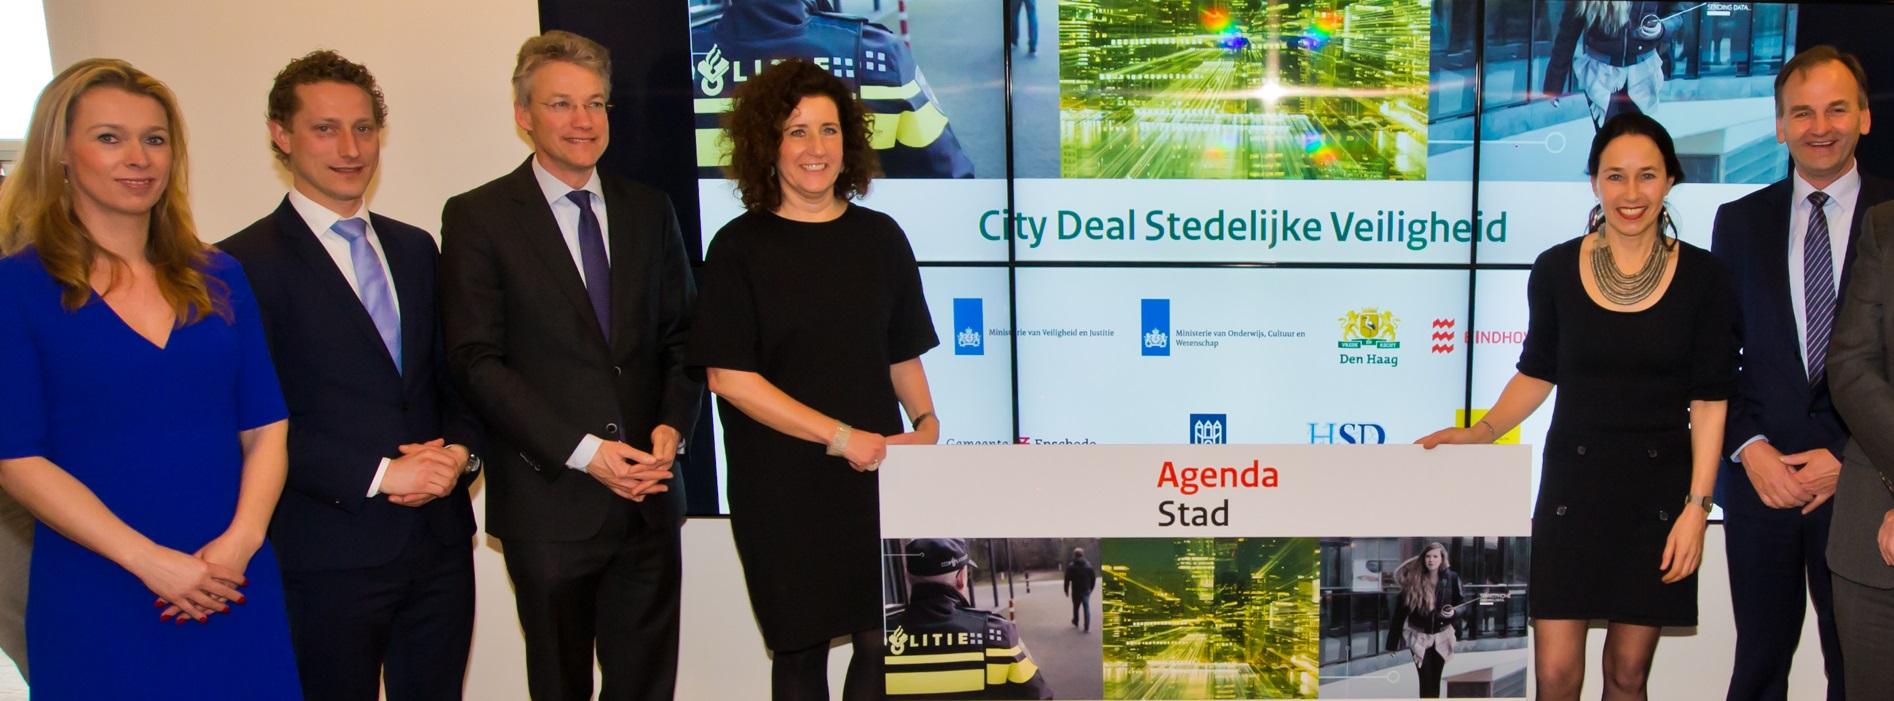 Ondertekening City Deal Stedelijke Veiligheid.